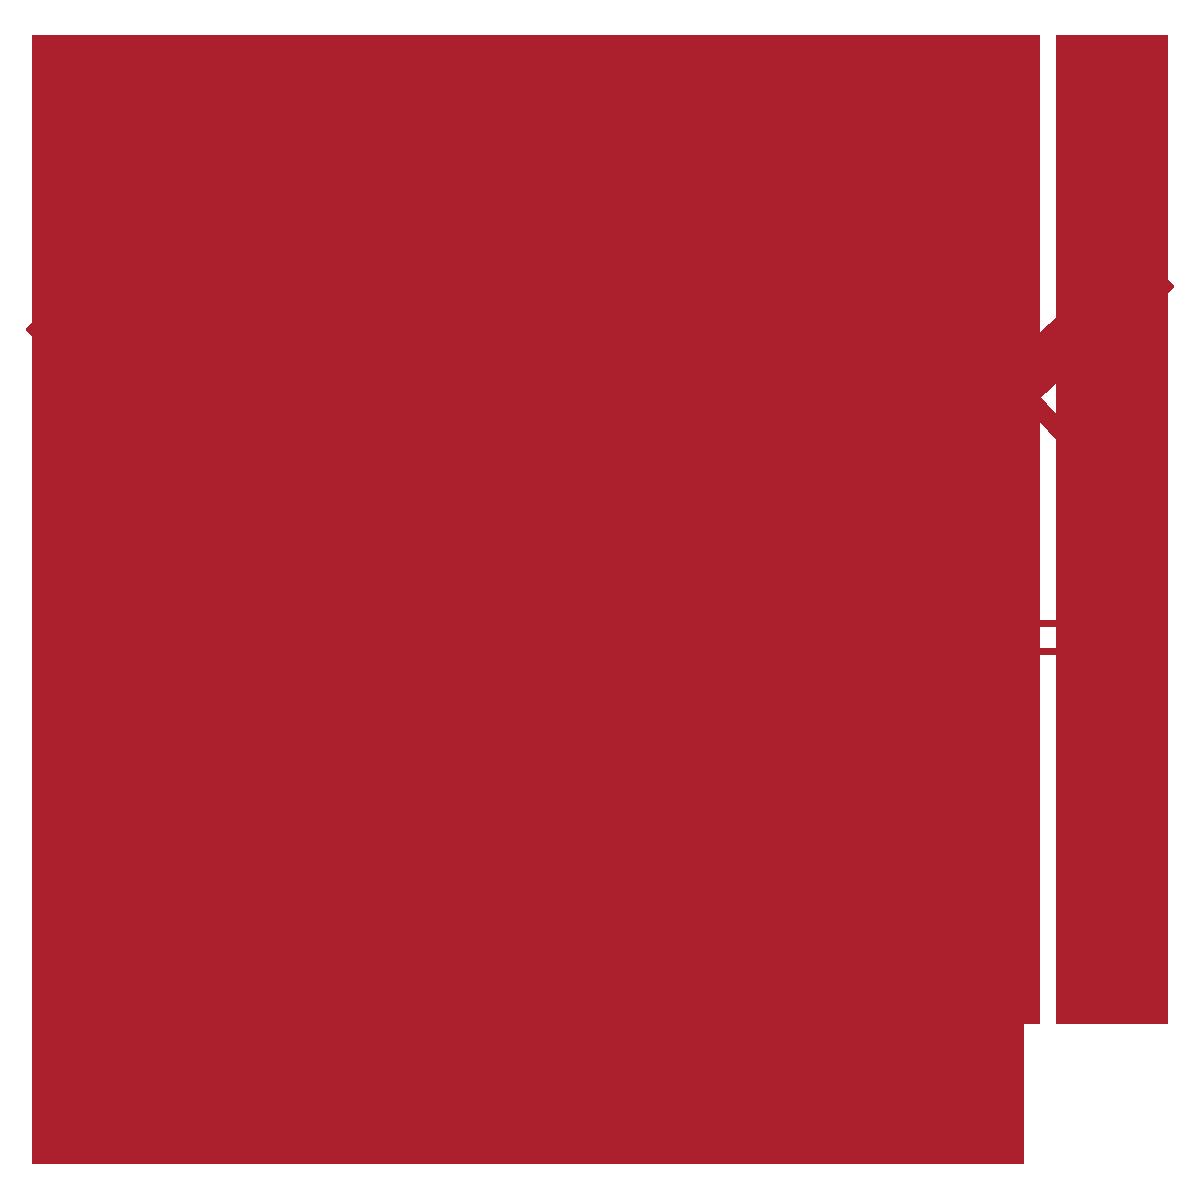 Logos . Fireball clipart vector